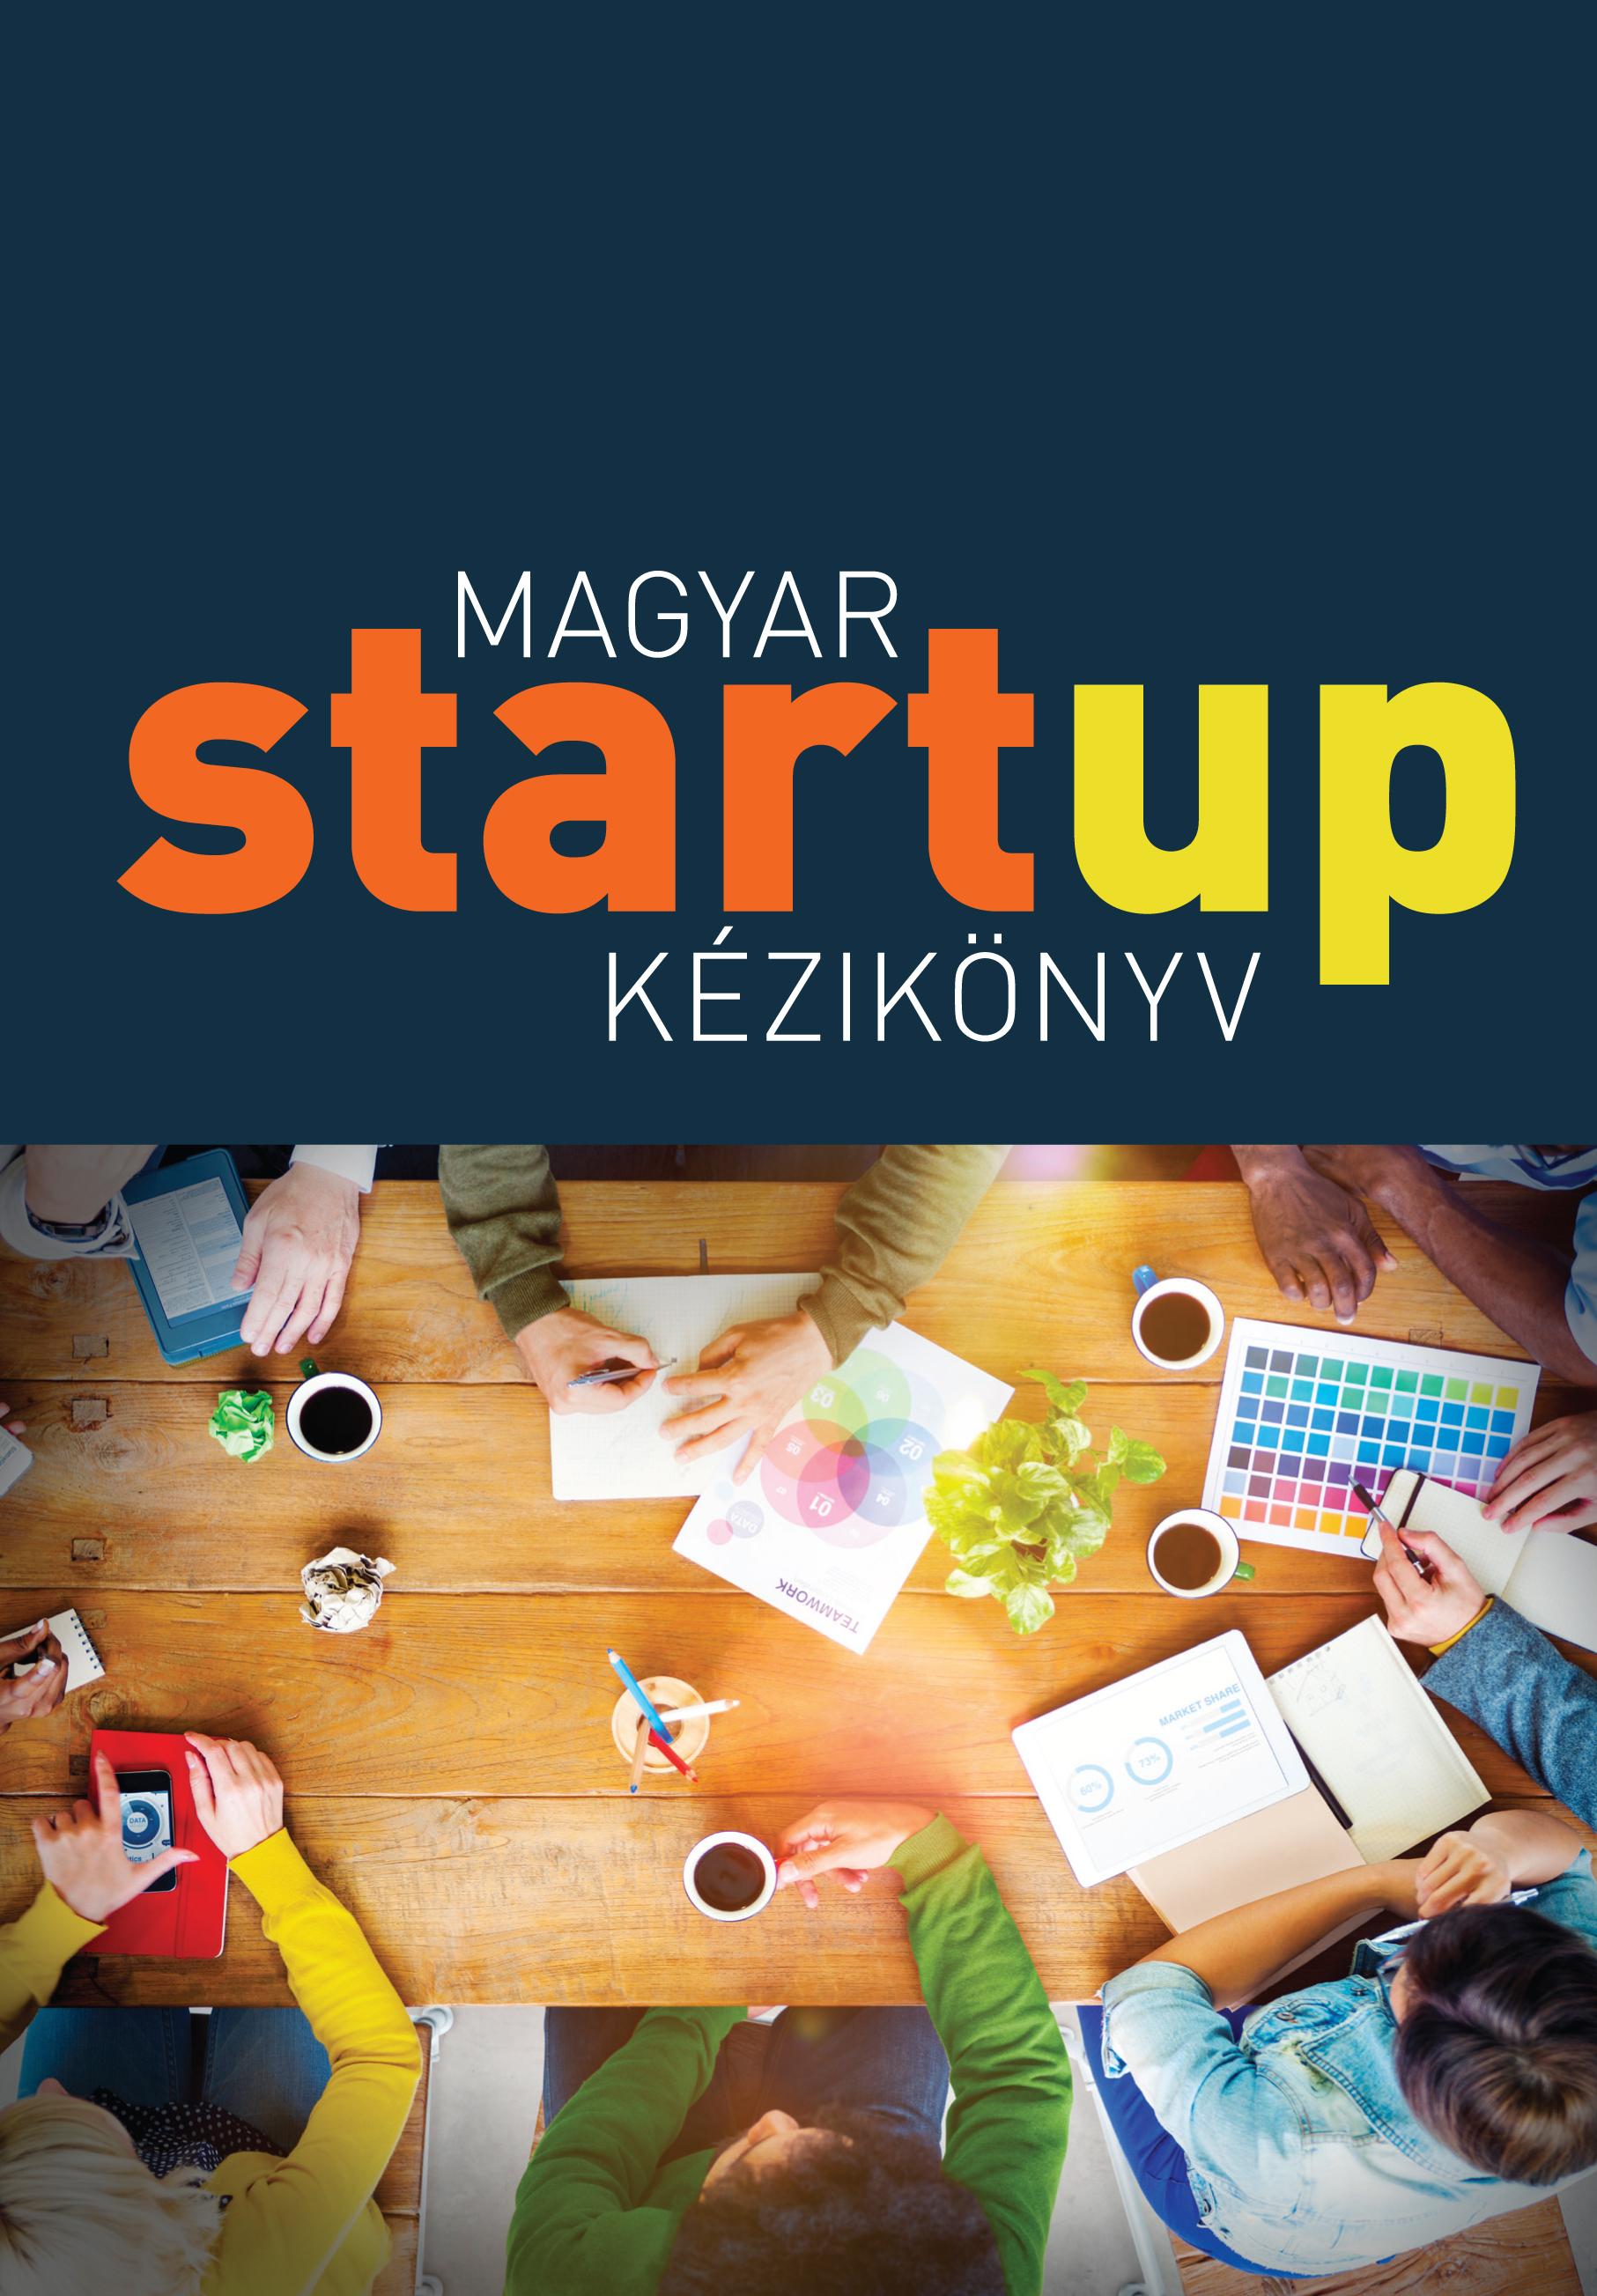 Magyar startup kézikönyv